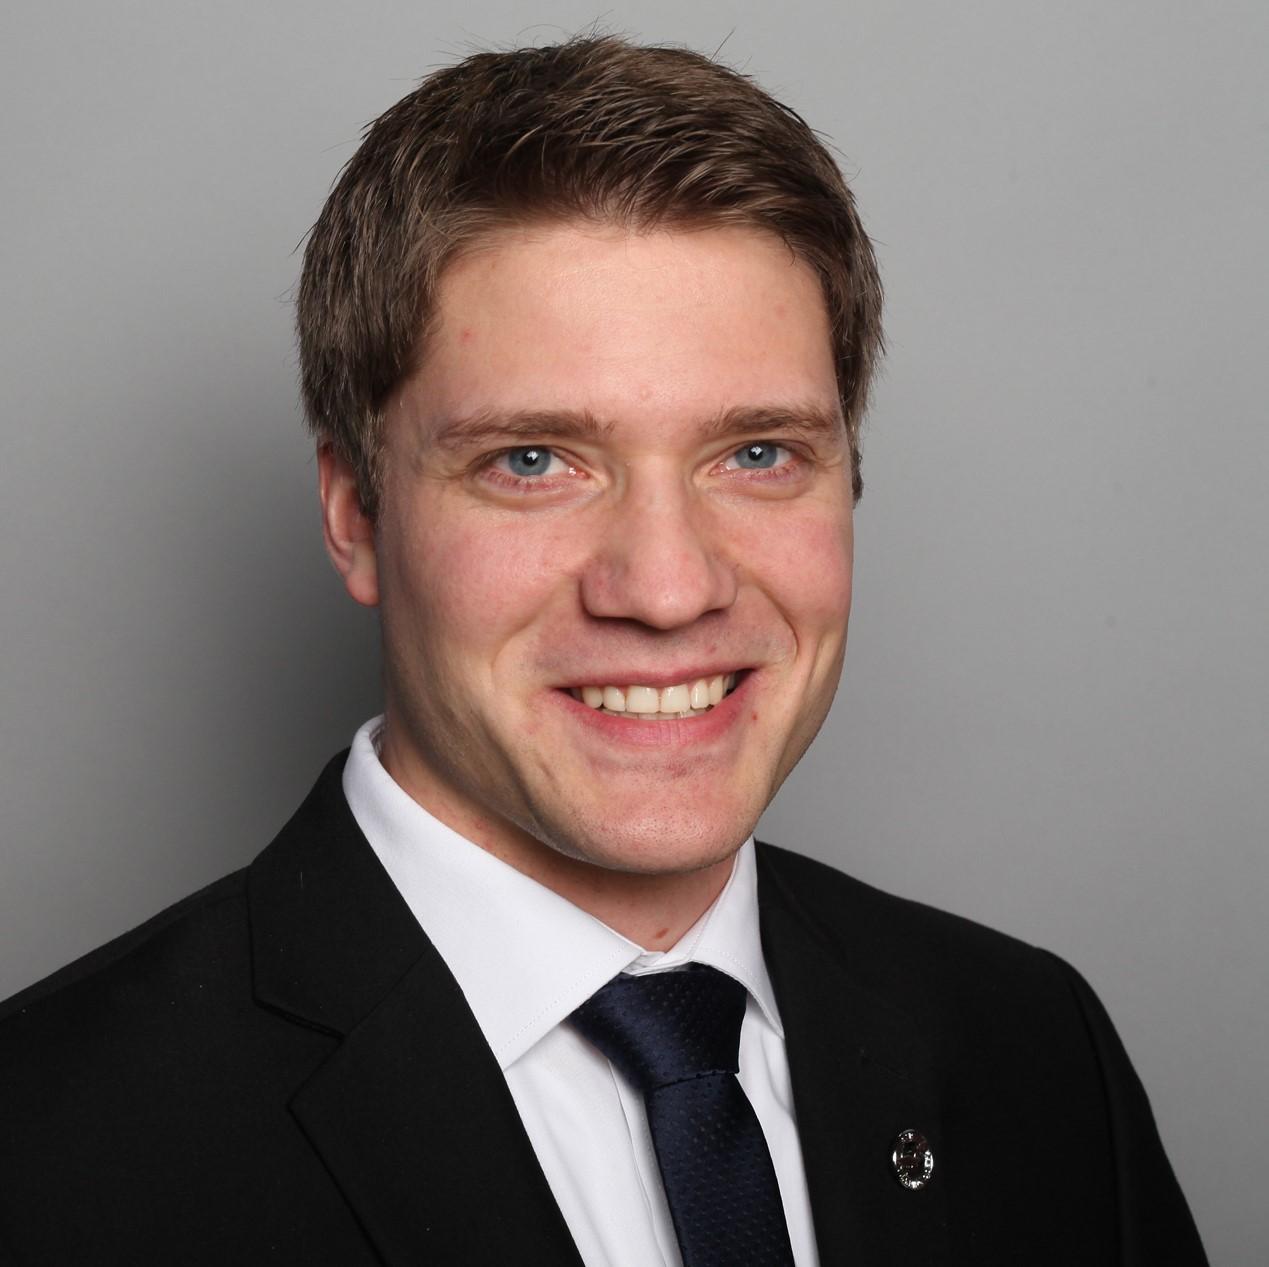 Peter Nägeli